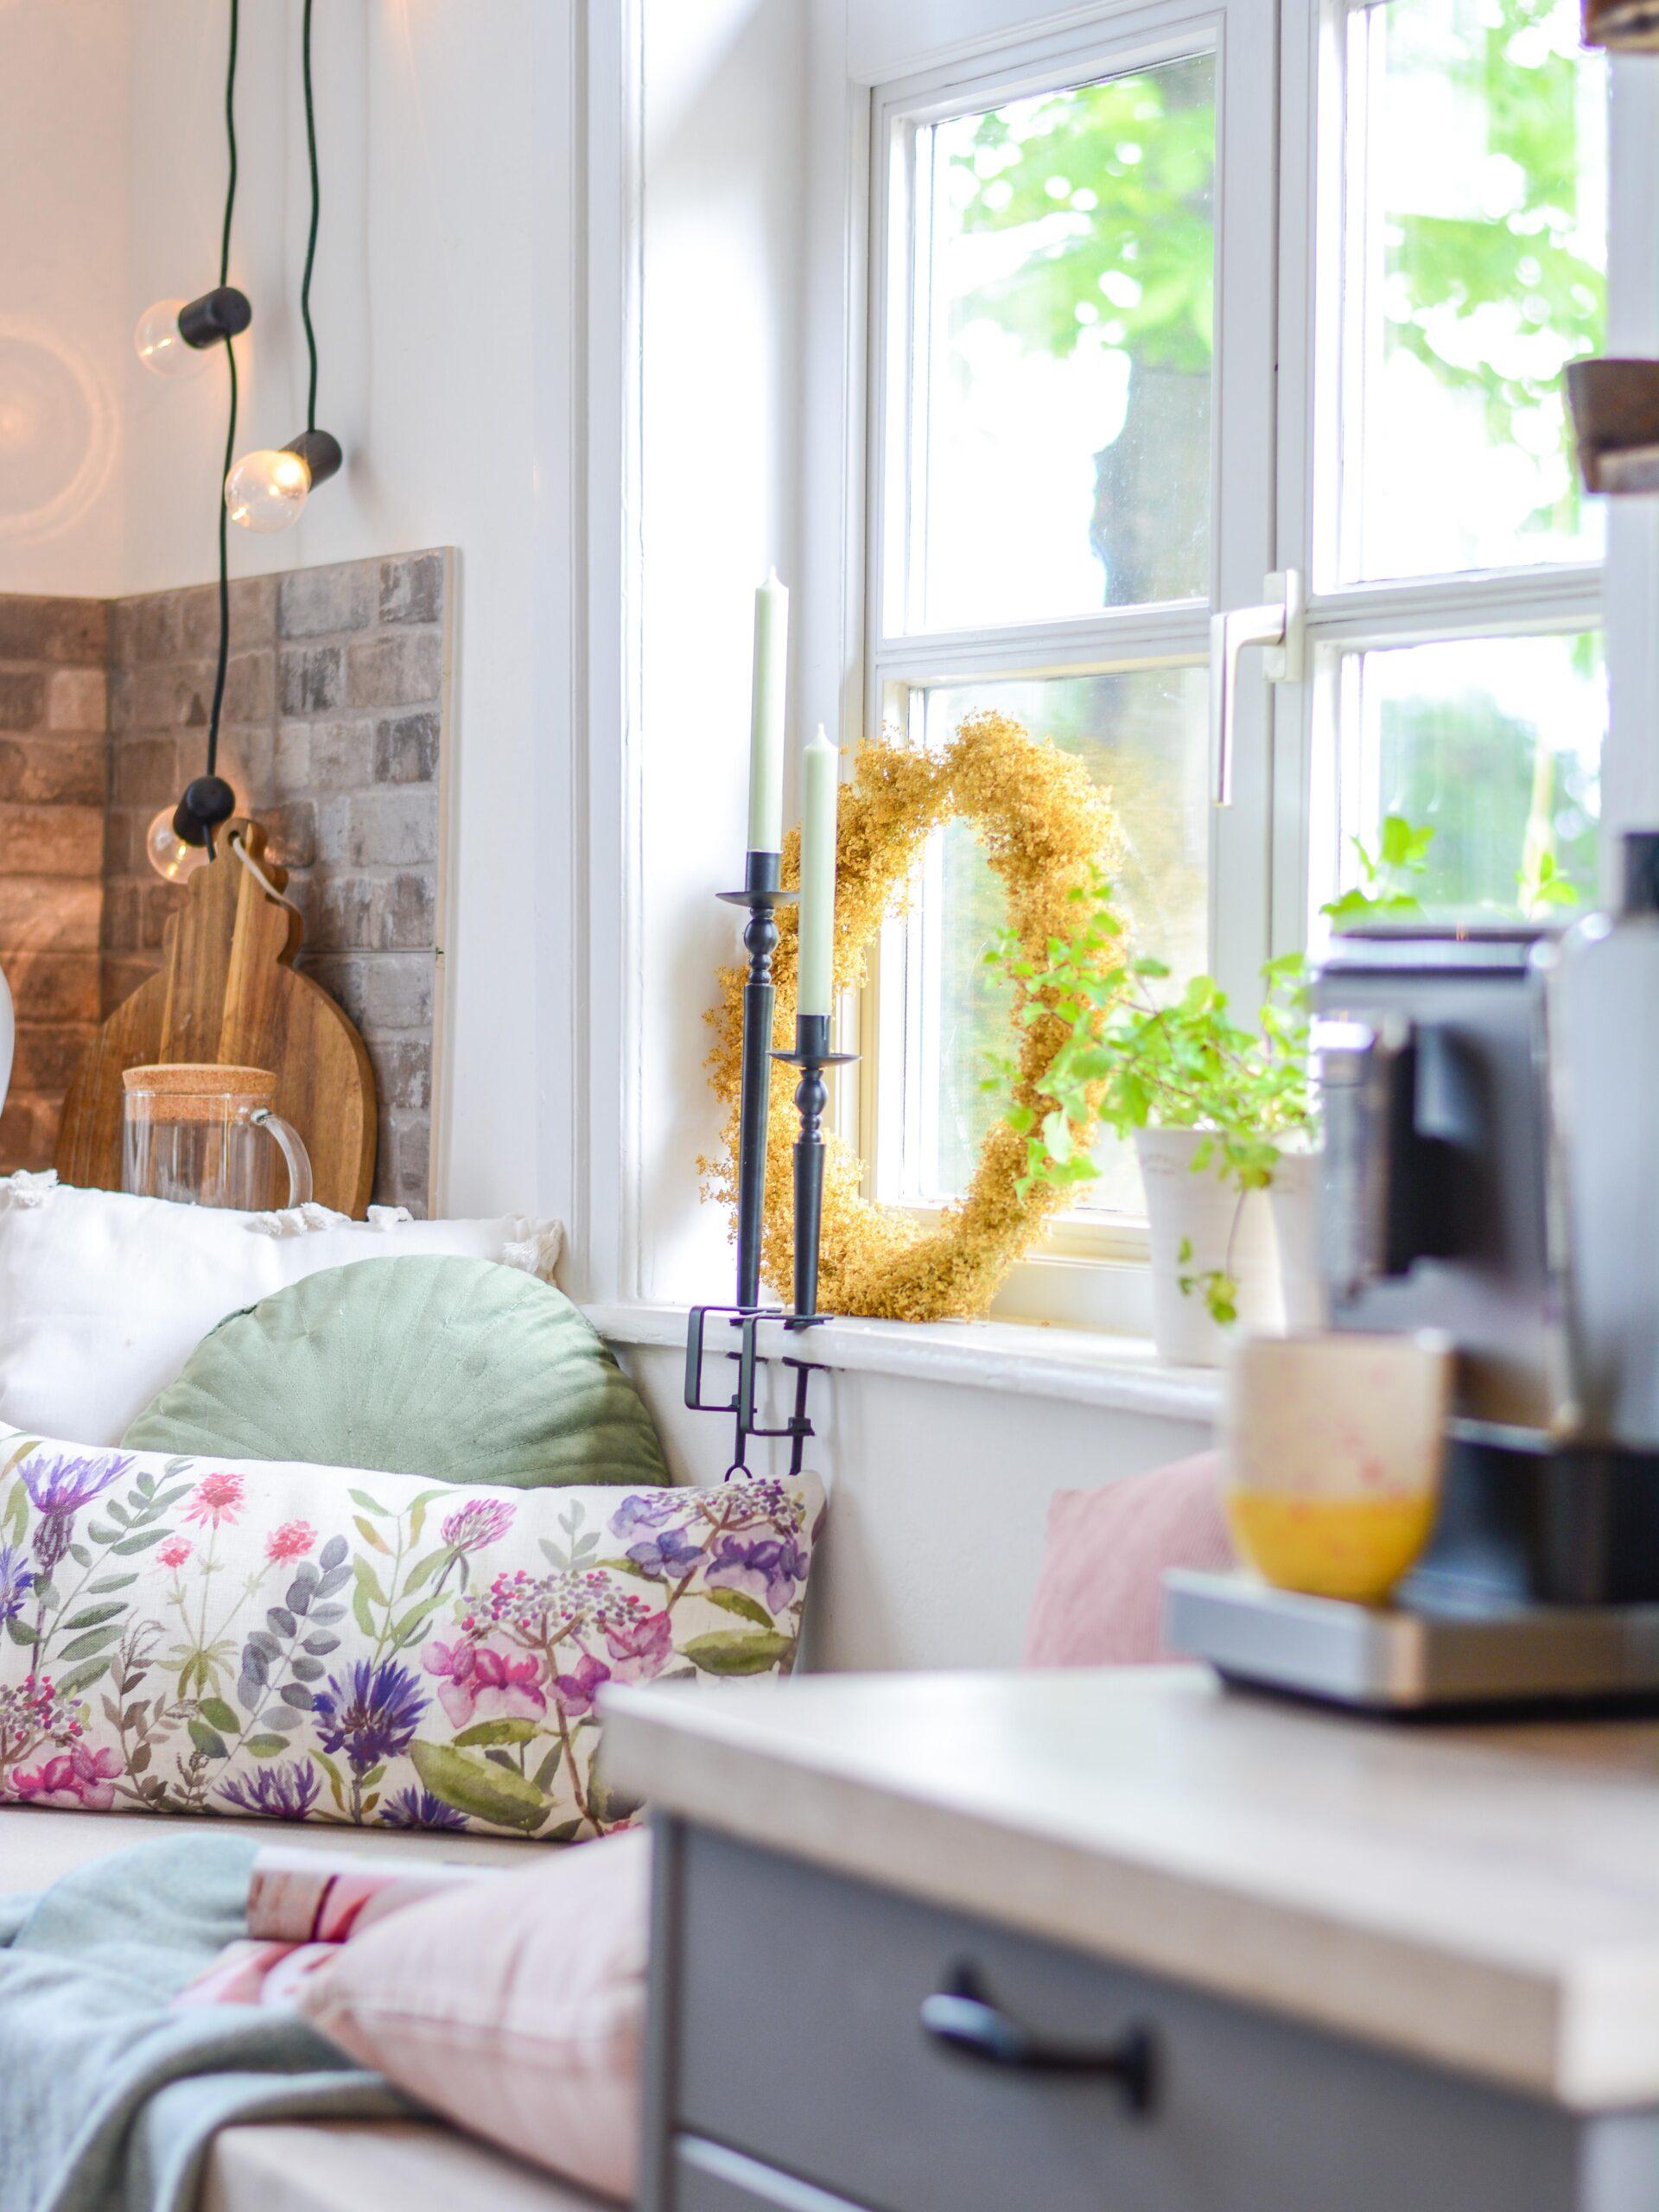 Full Size of Ikea Küchenbank Kchenbank Bilder Ideen Couch Küche Kosten Kaufen Miniküche Betten 160x200 Modulküche Bei Sofa Mit Schlaffunktion Wohnzimmer Ikea Küchenbank